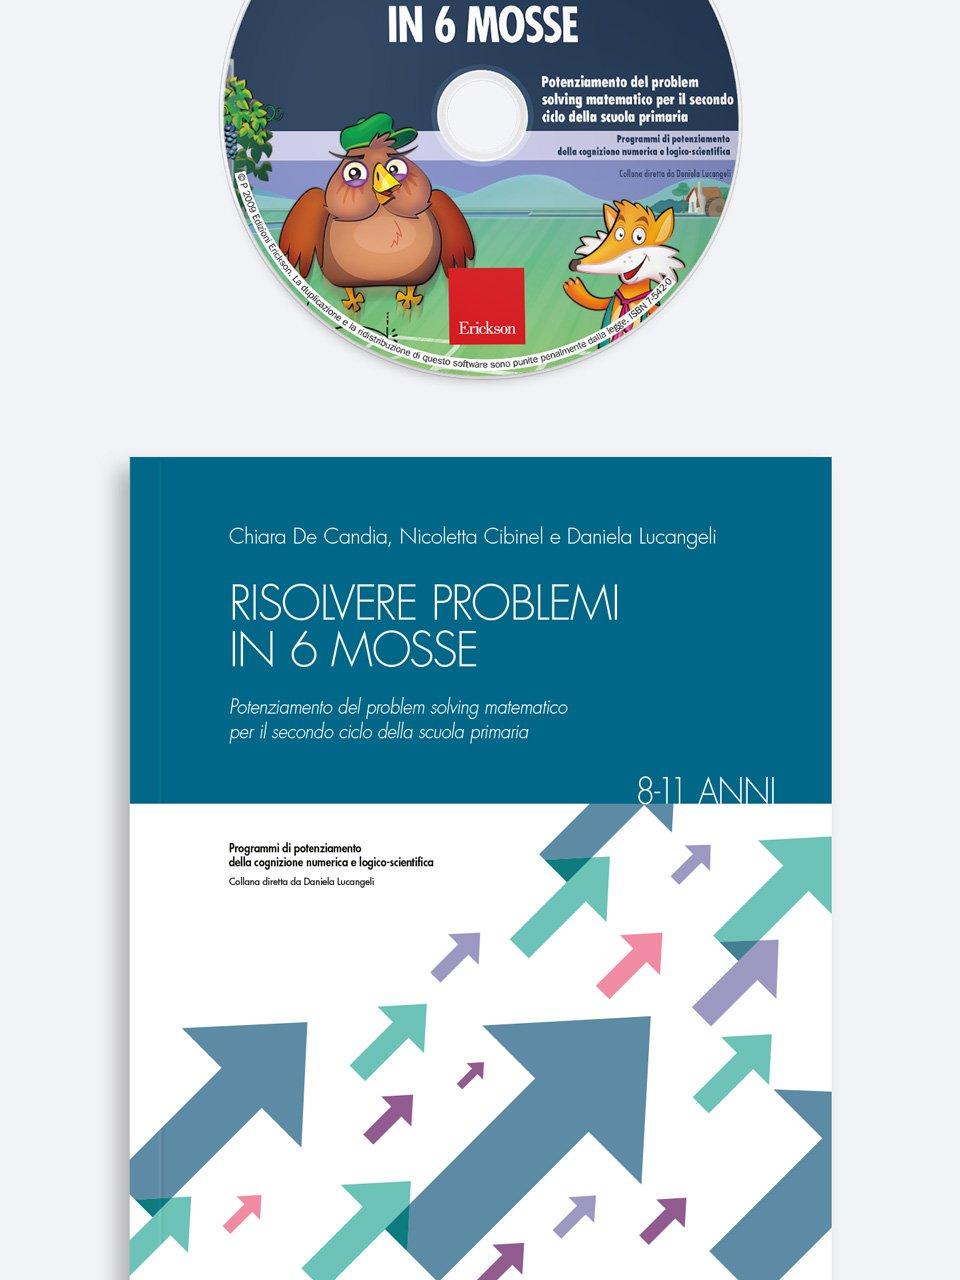 Risolvere problemi in 6 mosse - Facciamo il punto su... La discalculia - Libri - Erickson 2